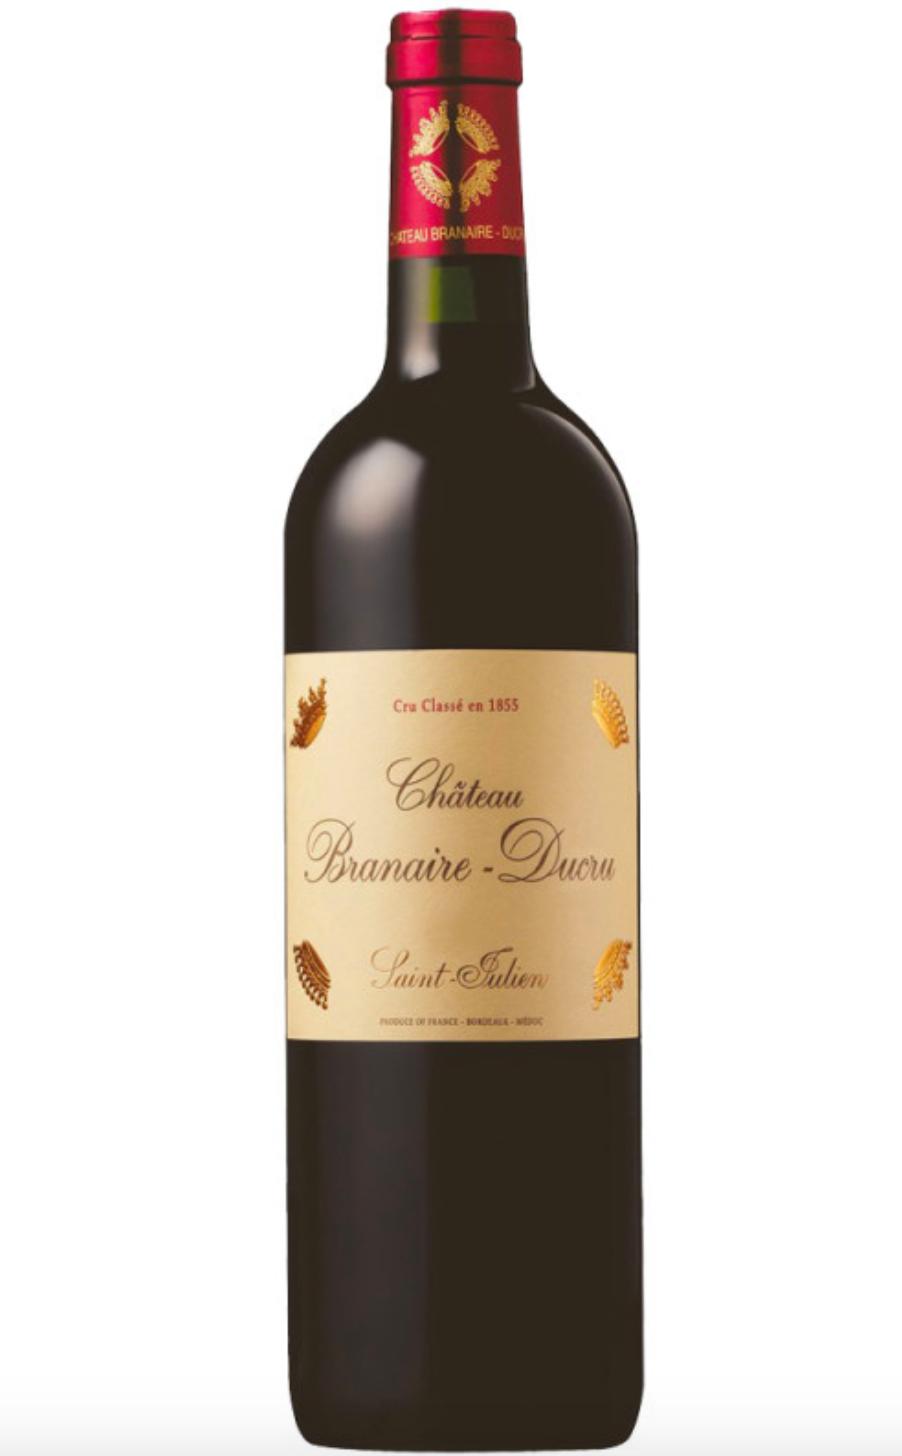 Château Branaire-Ducru 2018 – Saint-Julien, Grand Cru Classé